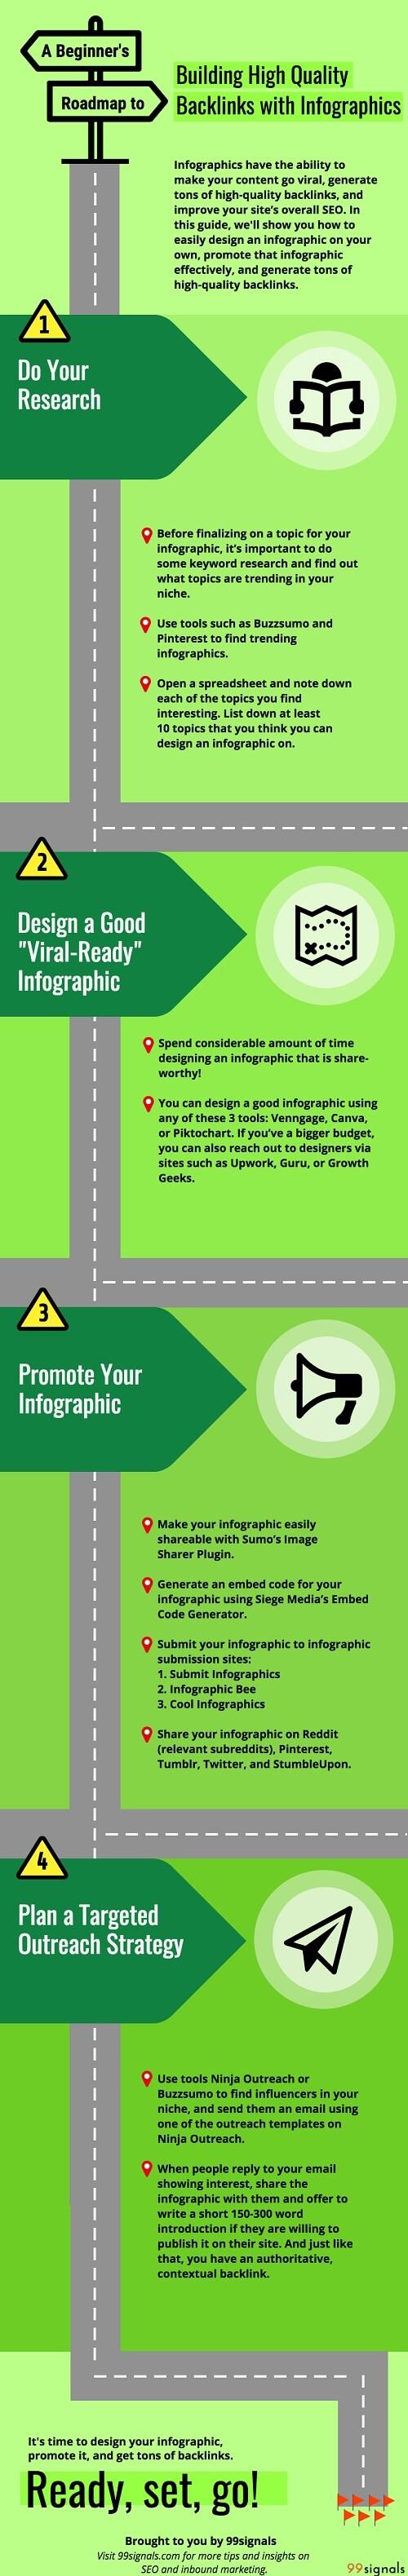 Cómo conseguir backlinks de calidad con infografías #infografía